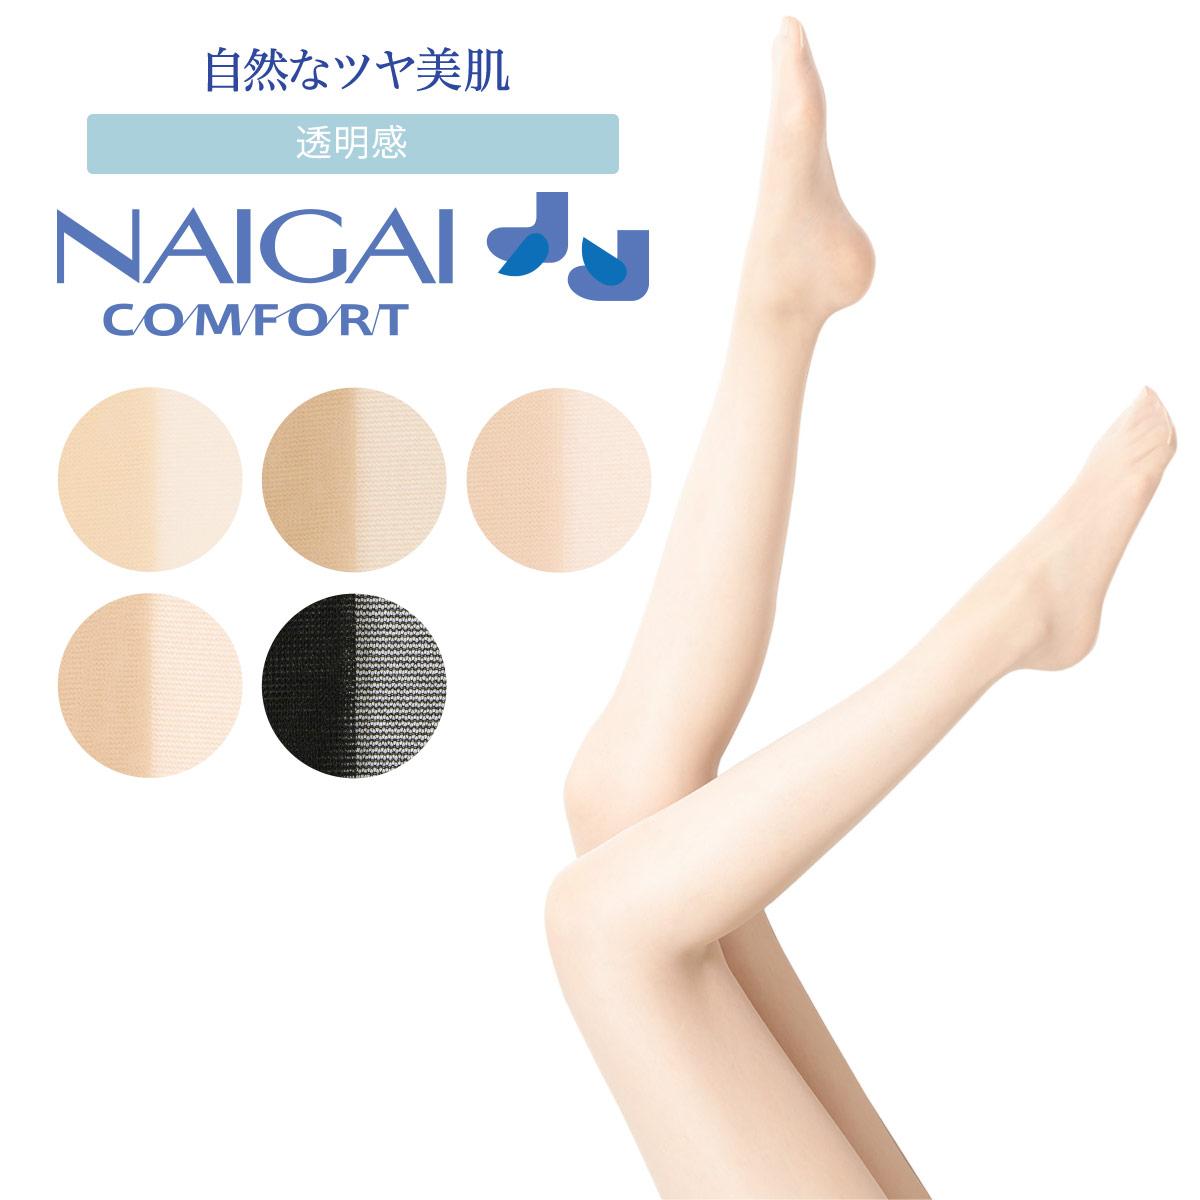 NAIGAI COMFORT ナイガイ コンフォート レディース 交編 ウエストゆったり ストッキング つま先スルー 1003001【ゆうパケット・4点まで】